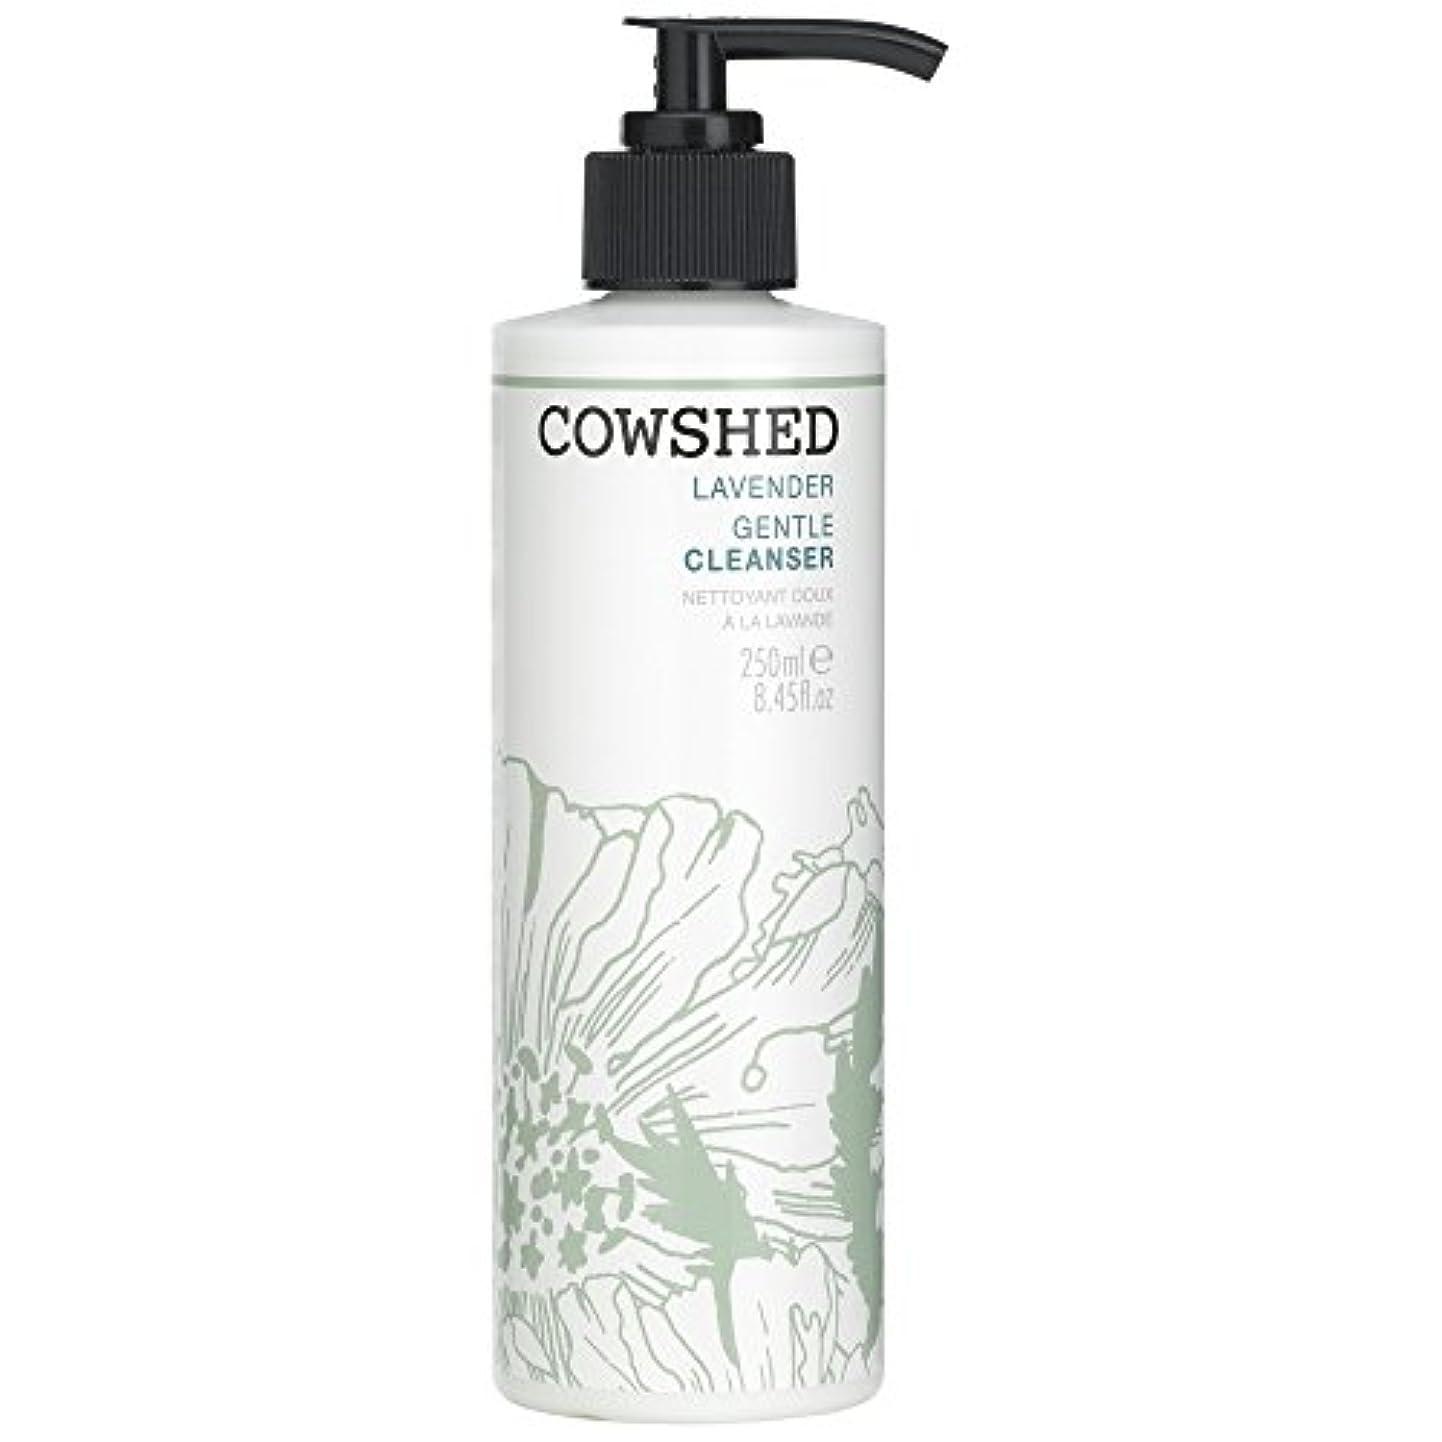 積分水族館担保牛舎ラベンダージェントルクレンザー、250ミリリットル (Cowshed) (x2) - Cowshed Lavender Gentle Cleanser, 250ml (Pack of 2) [並行輸入品]